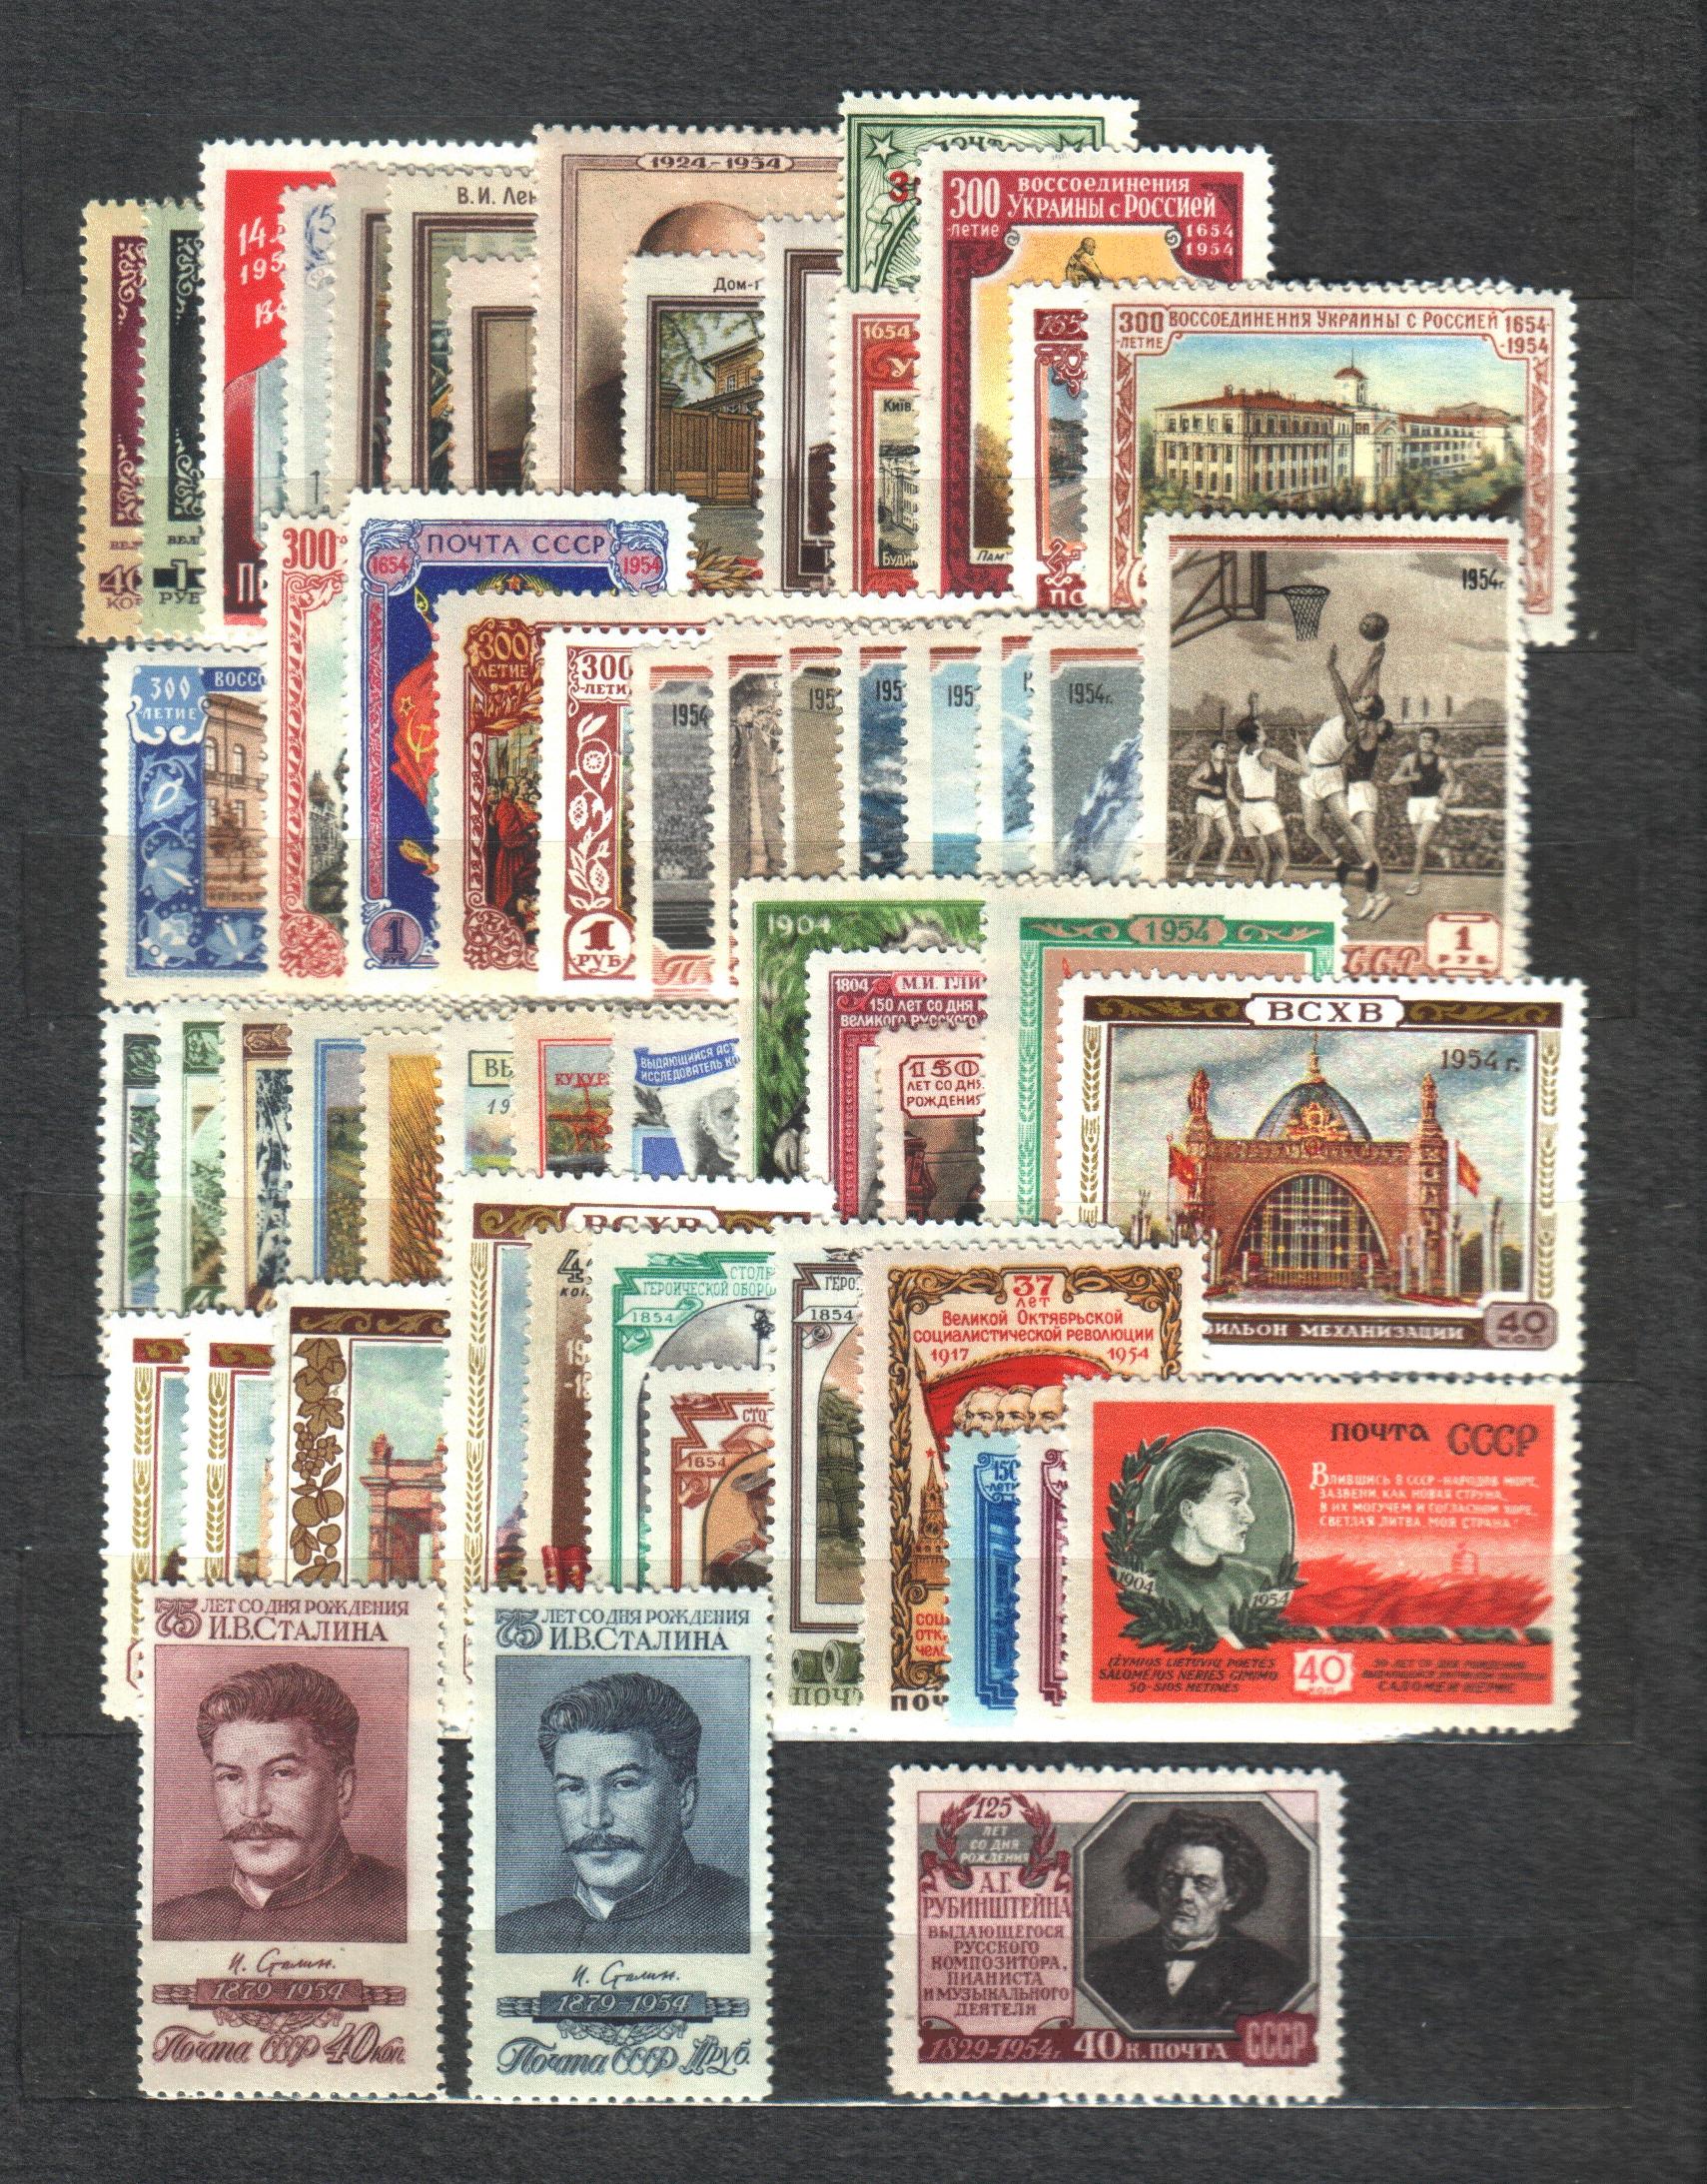 Годовой набор почтовых марок СССР 1954 год, 56 марок